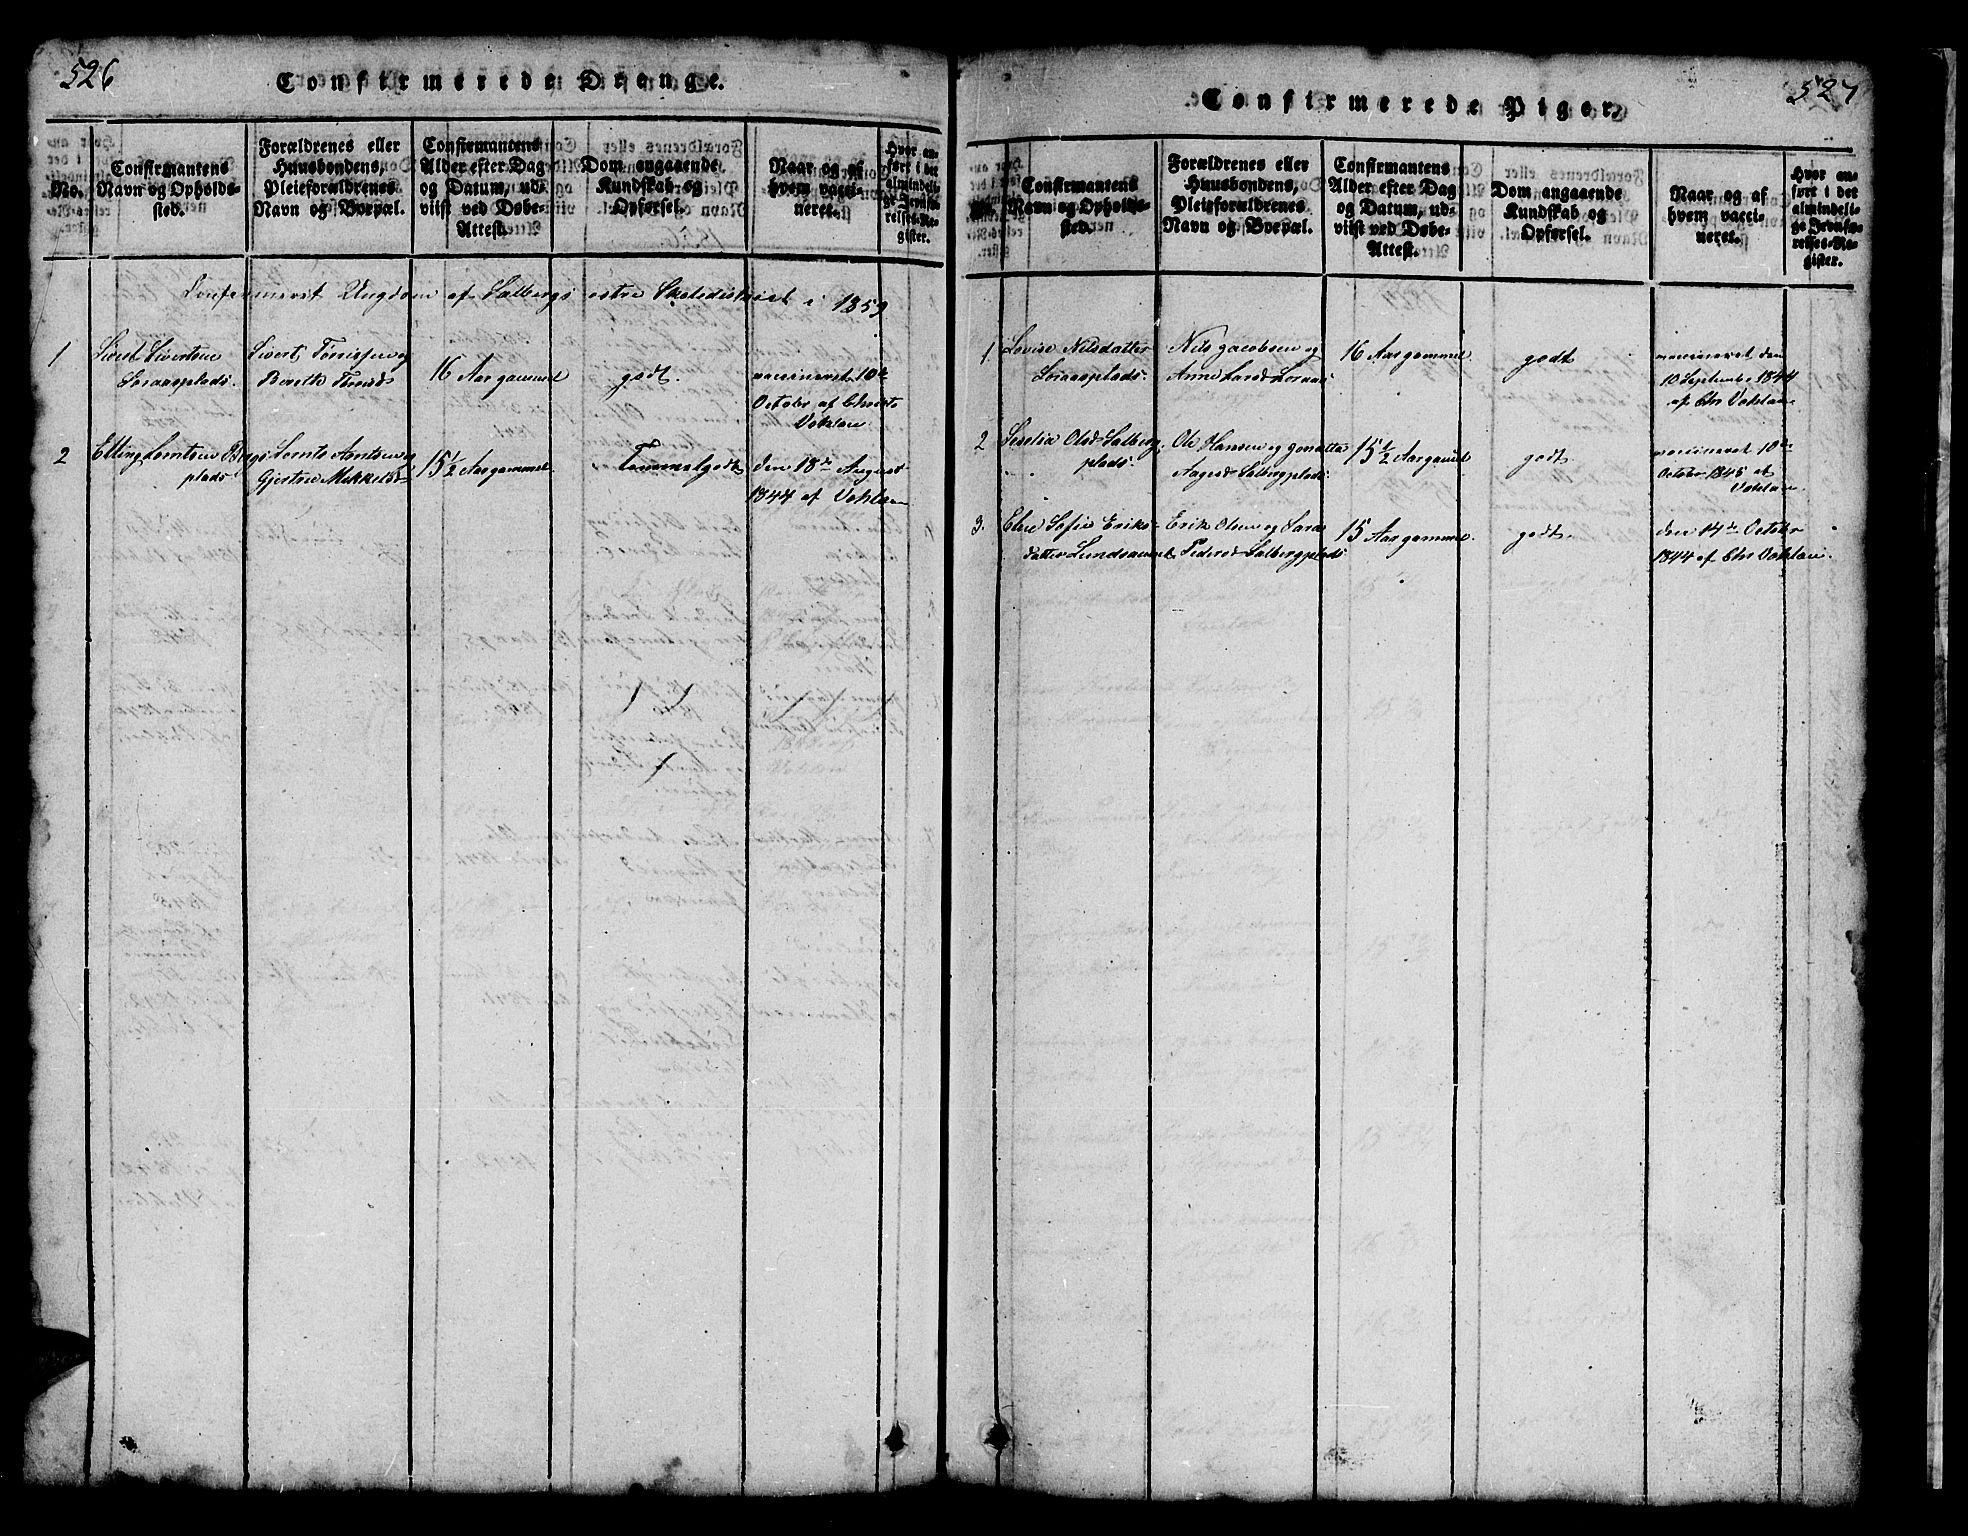 SAT, Ministerialprotokoller, klokkerbøker og fødselsregistre - Nord-Trøndelag, 731/L0310: Klokkerbok nr. 731C01, 1816-1874, s. 526-527